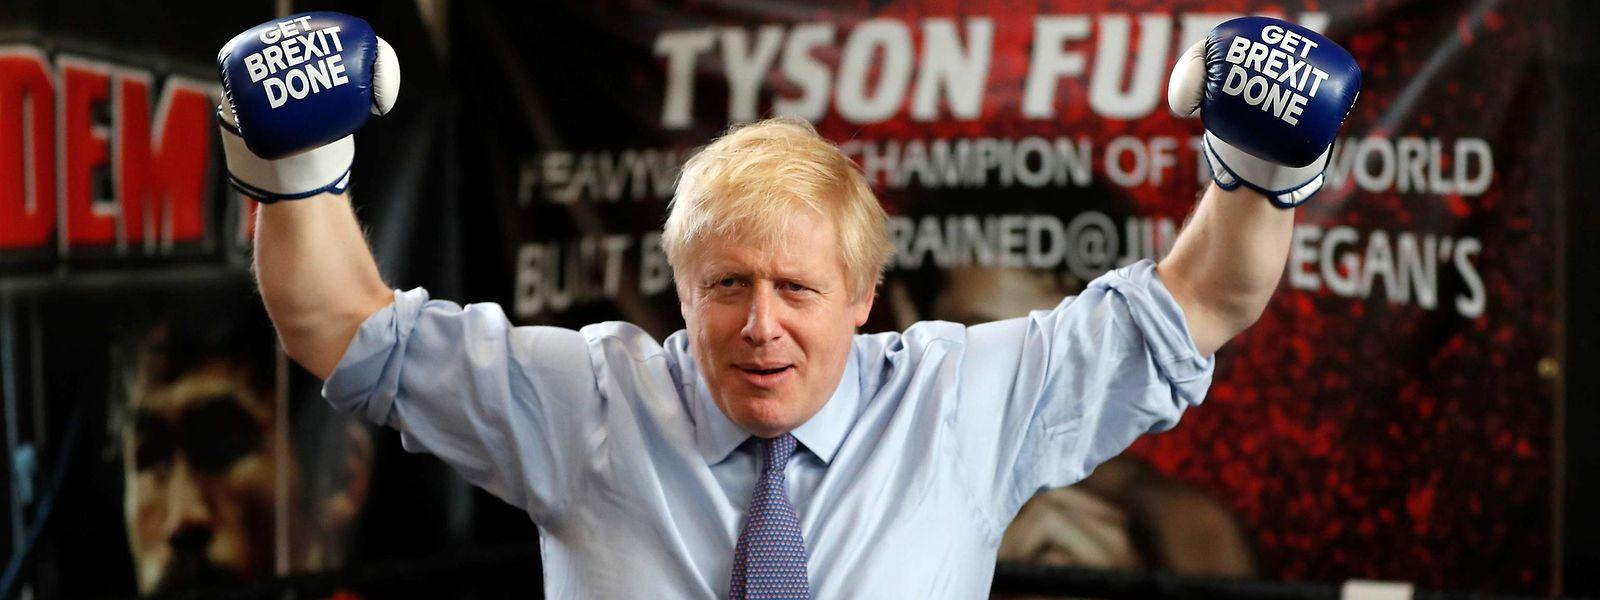 Fanfaron, Boris Johnson a visiblement envie de mettre KO ses adversaires travaillistes. Pas gagné.